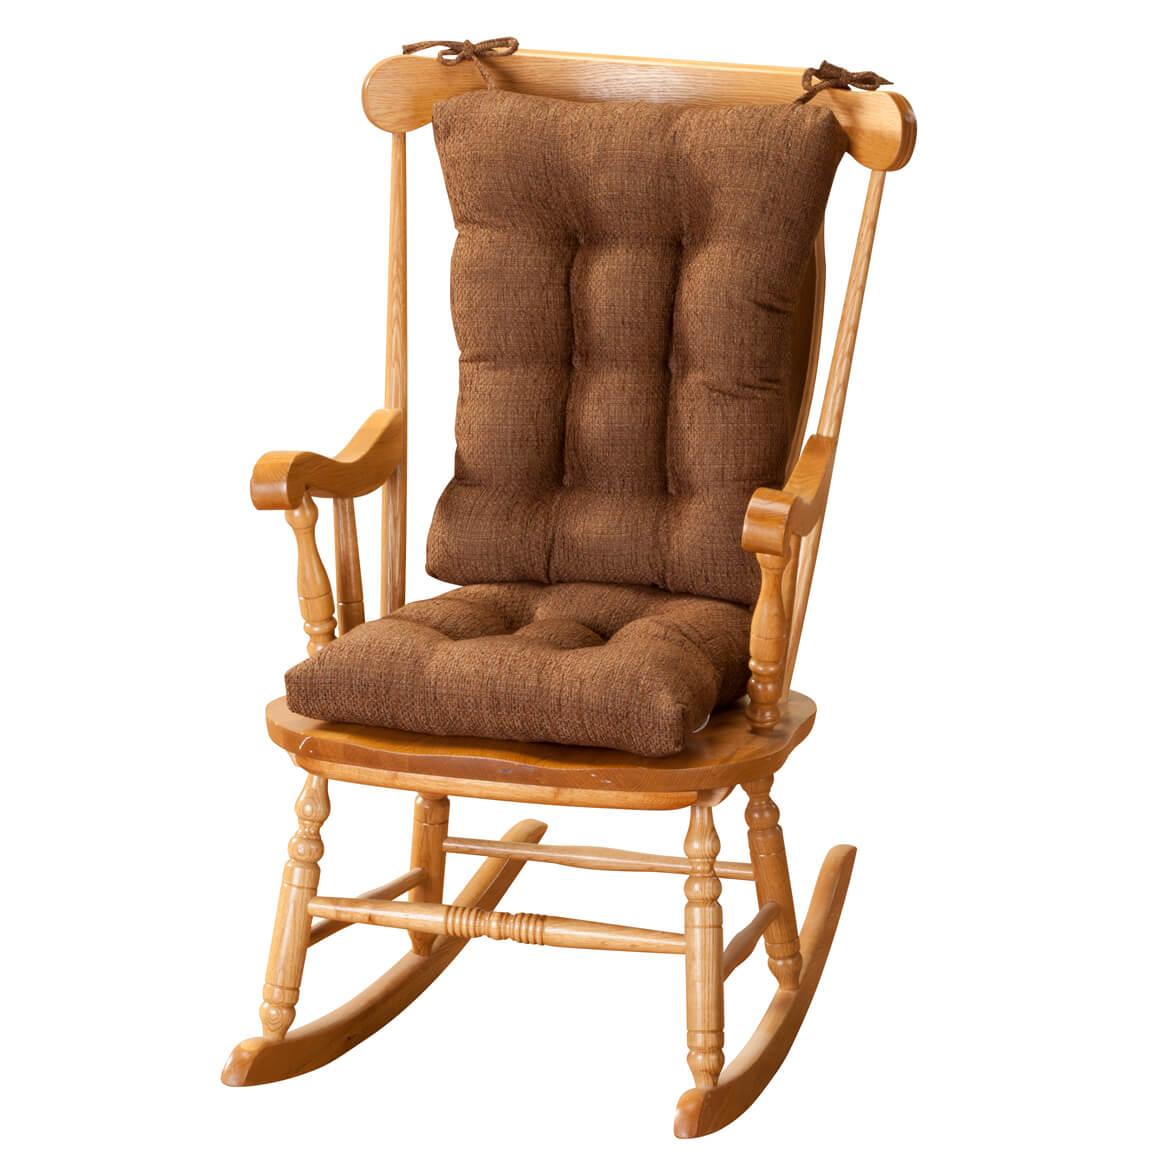 Tyson rocking chair cushion set rocker cushions miles